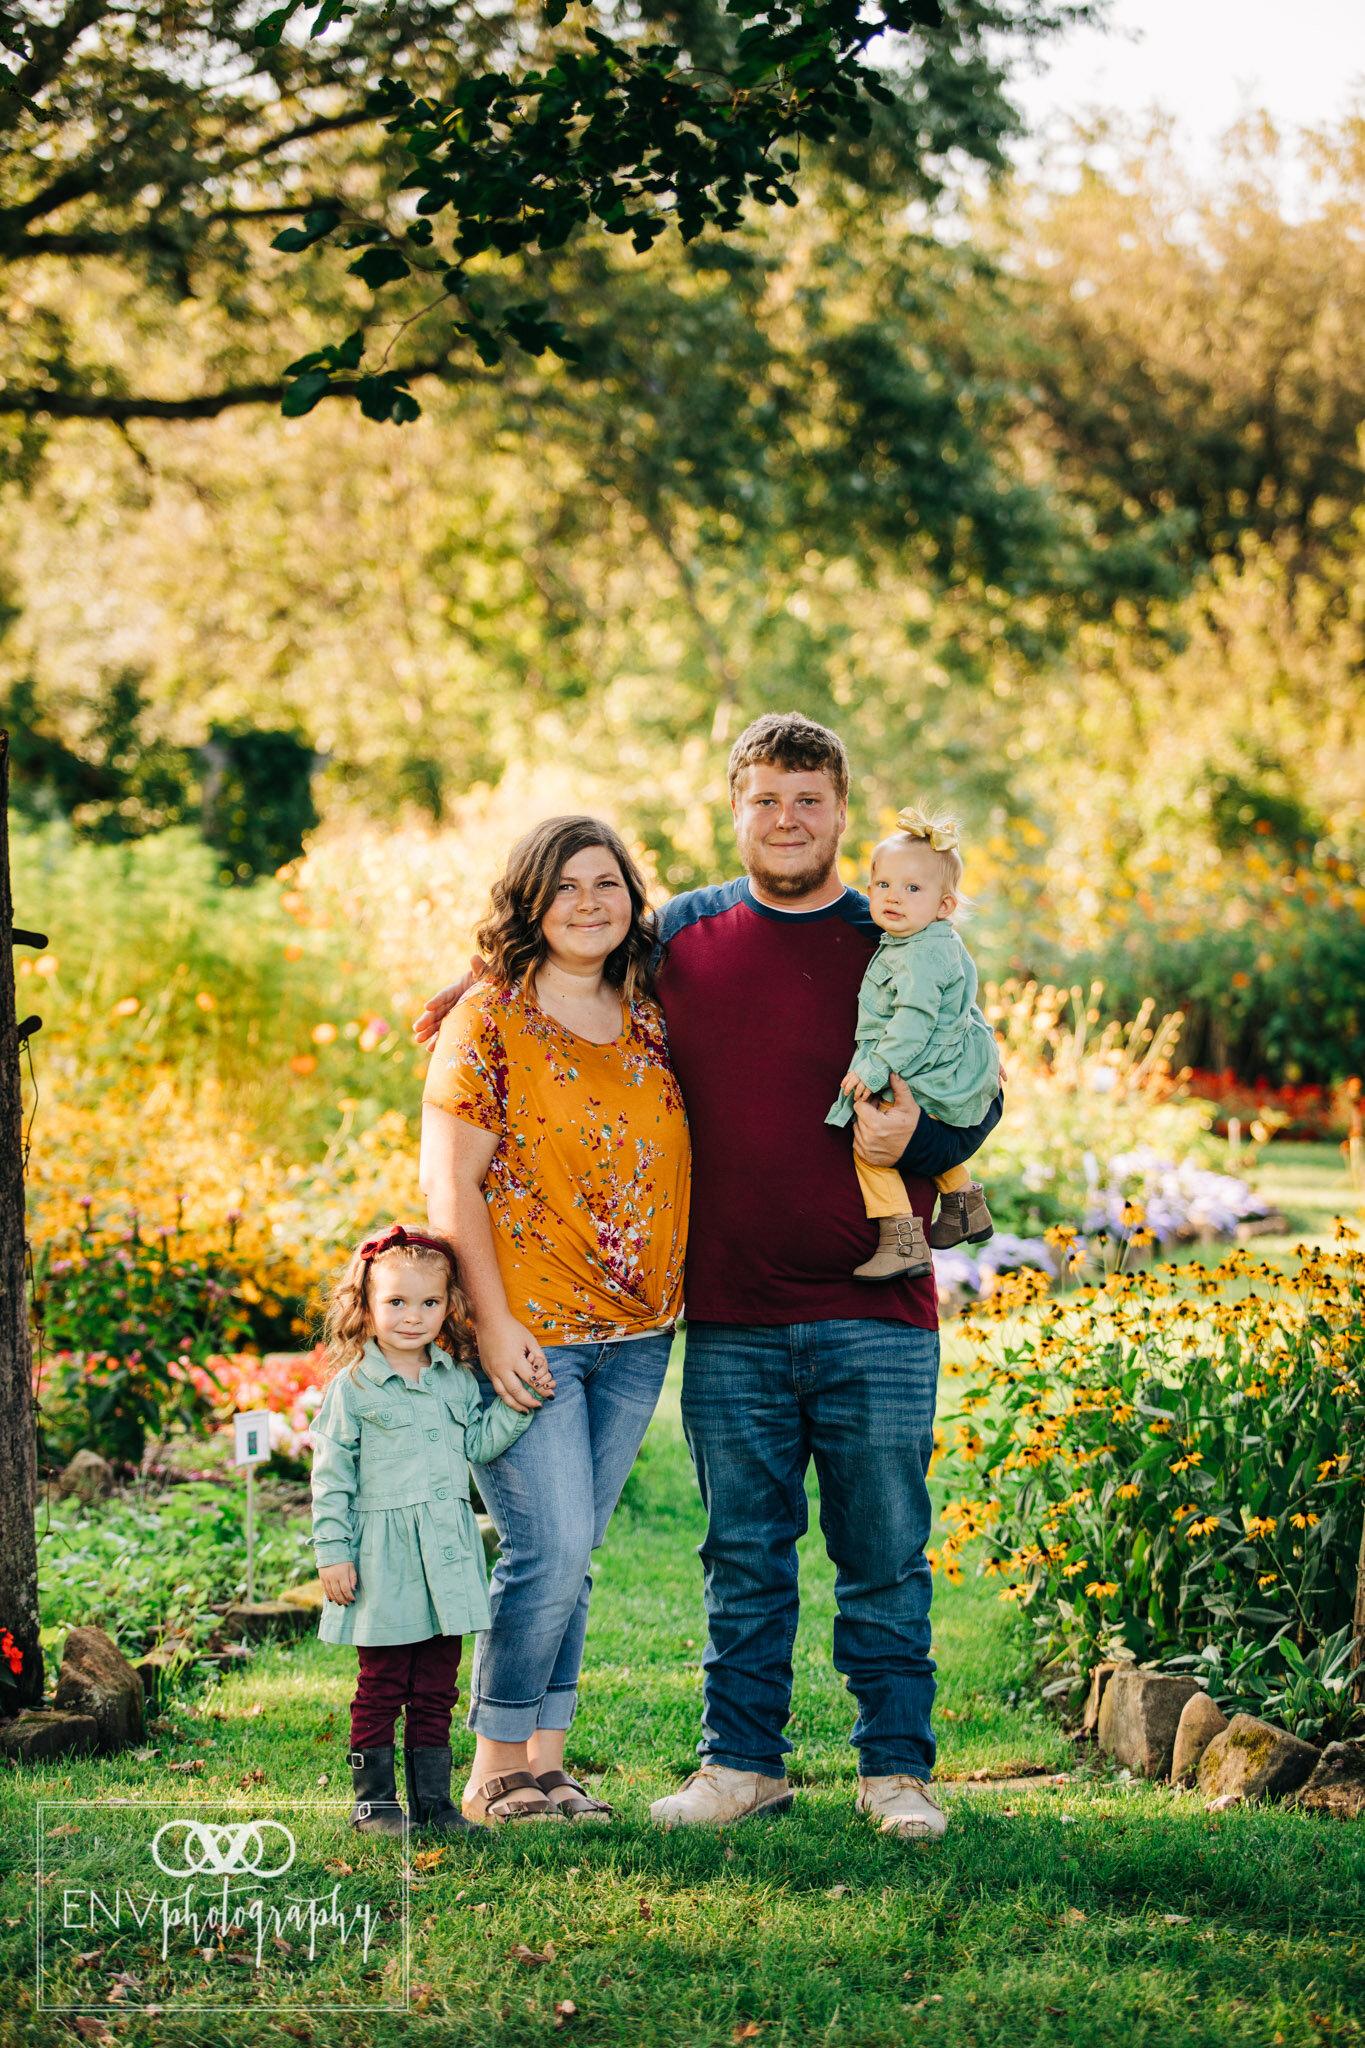 Mount Vernon Columbus Ohio Knox County Ohio Family Photographer (4).jpg